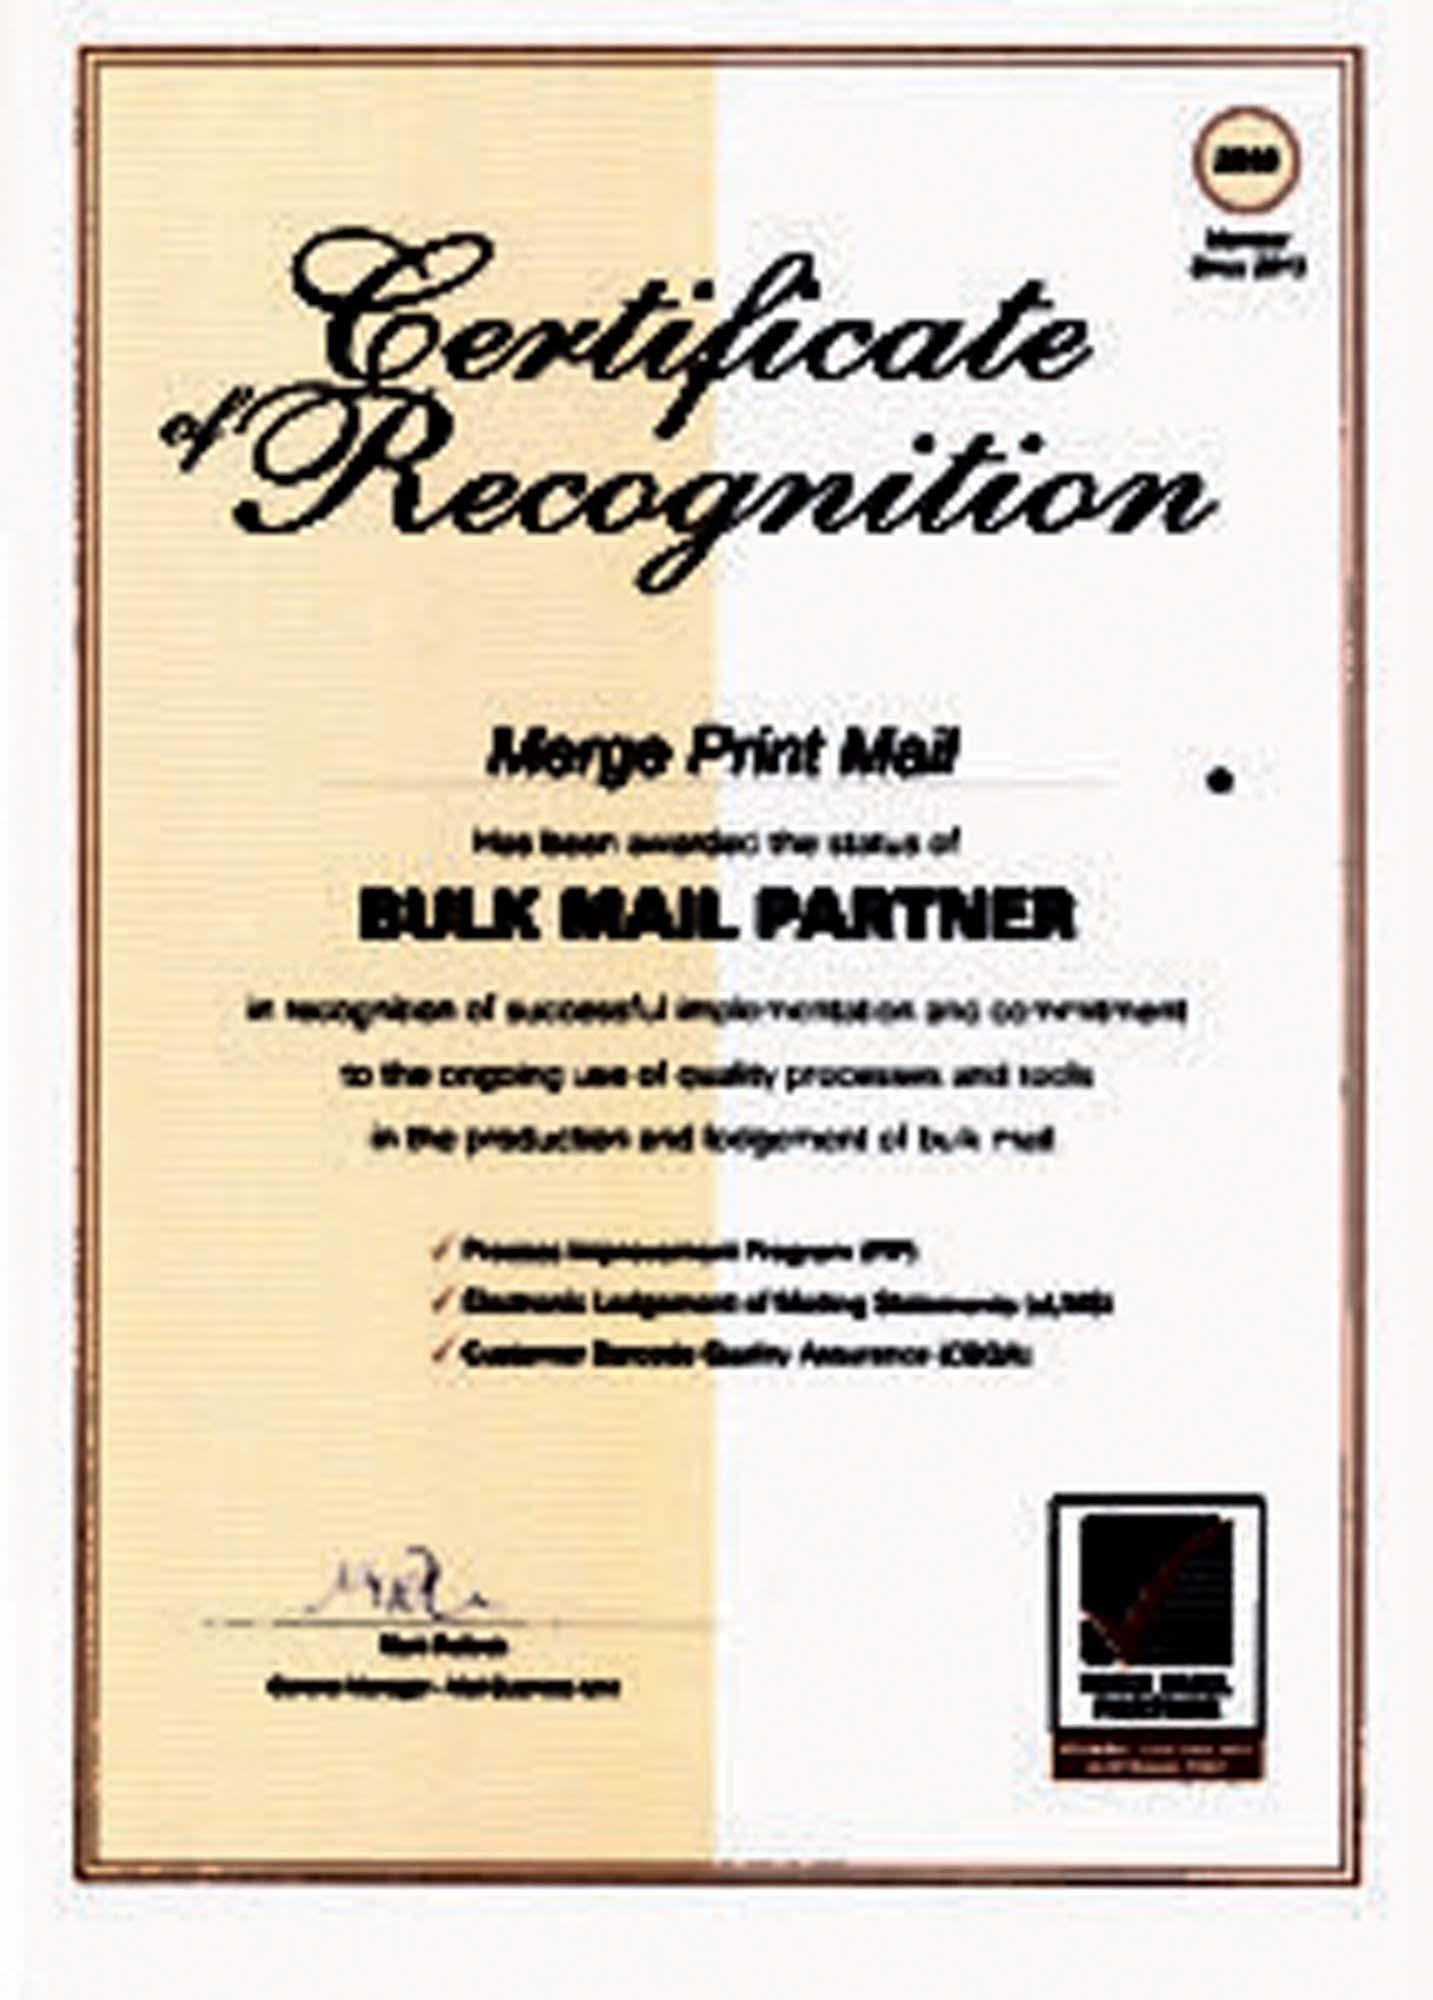 markis bulk mail partner certificate australia post